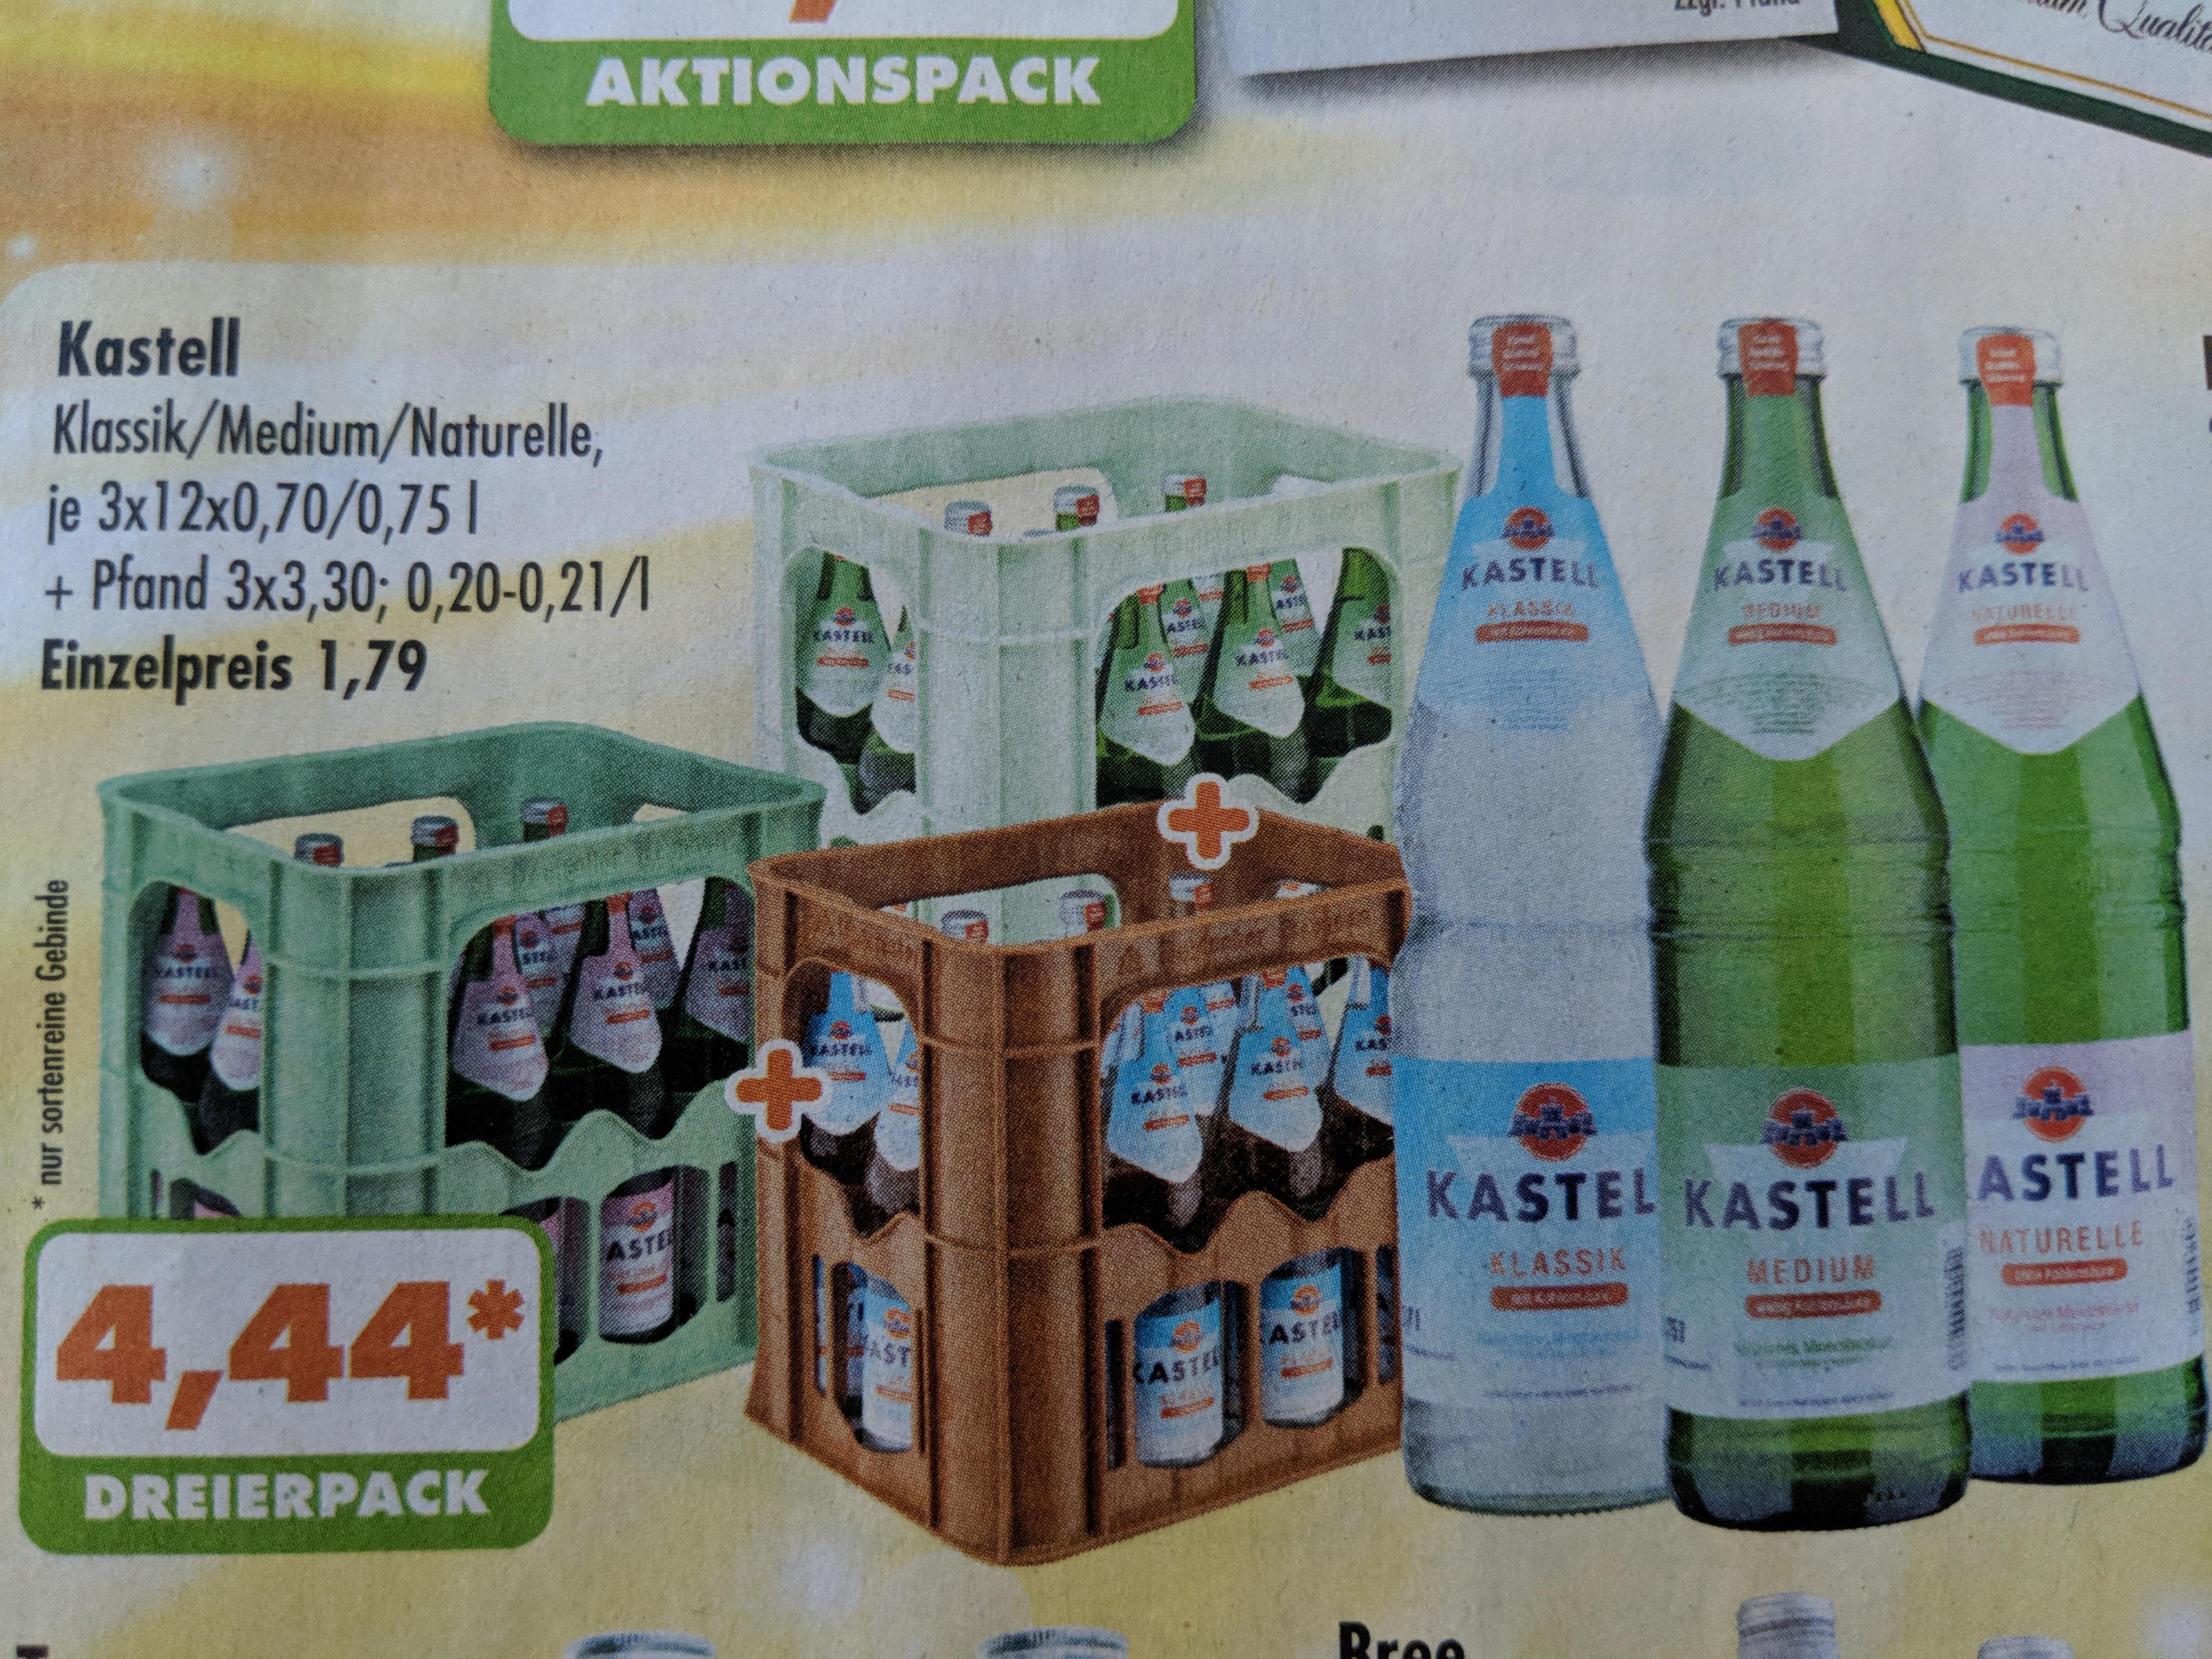 [Regional NRW TRINK & SPARE] 3 x 12 x 0,7 Liter Wasser (Sprudel, Medium oder Naturell) für 4,44 Euro